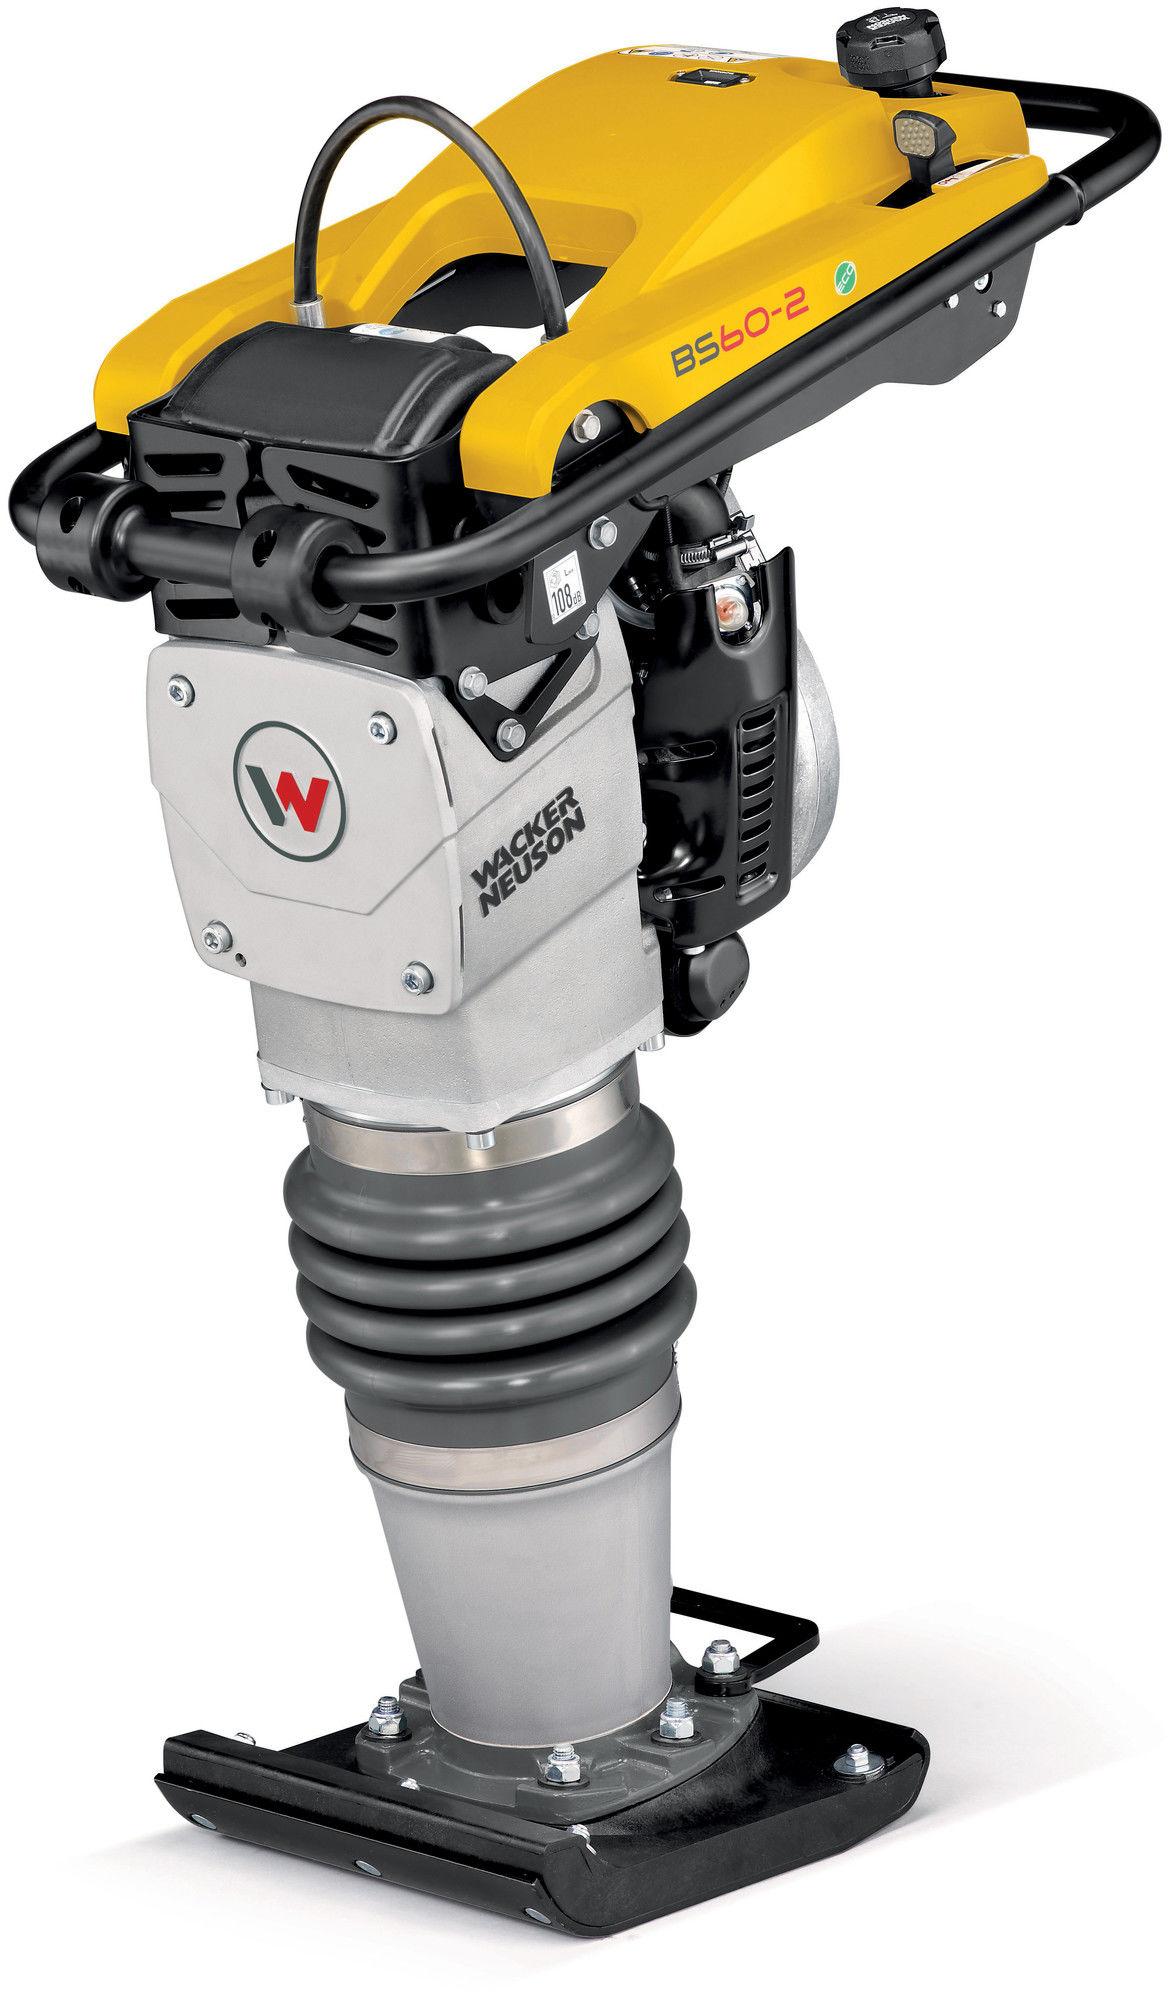 Zagęszczarka stopowa (ubijak) Wacker Neuson BS 60-2 (280 mm)